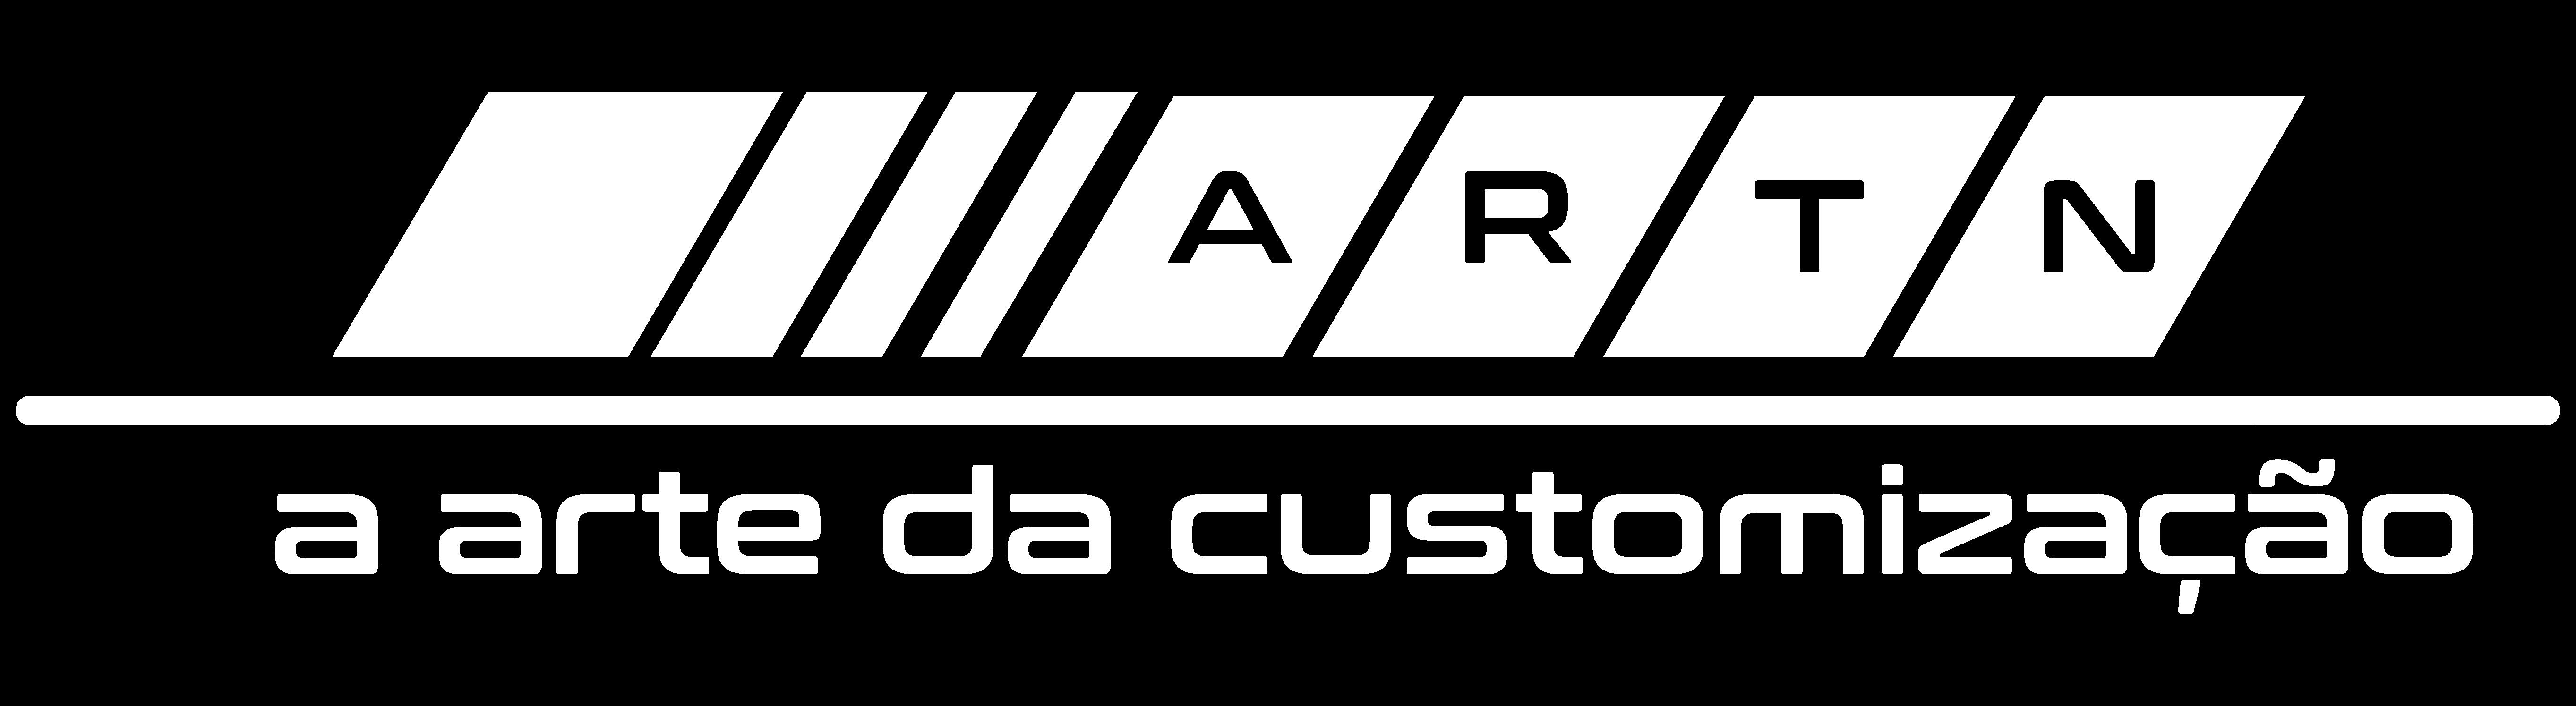 ARTN customização